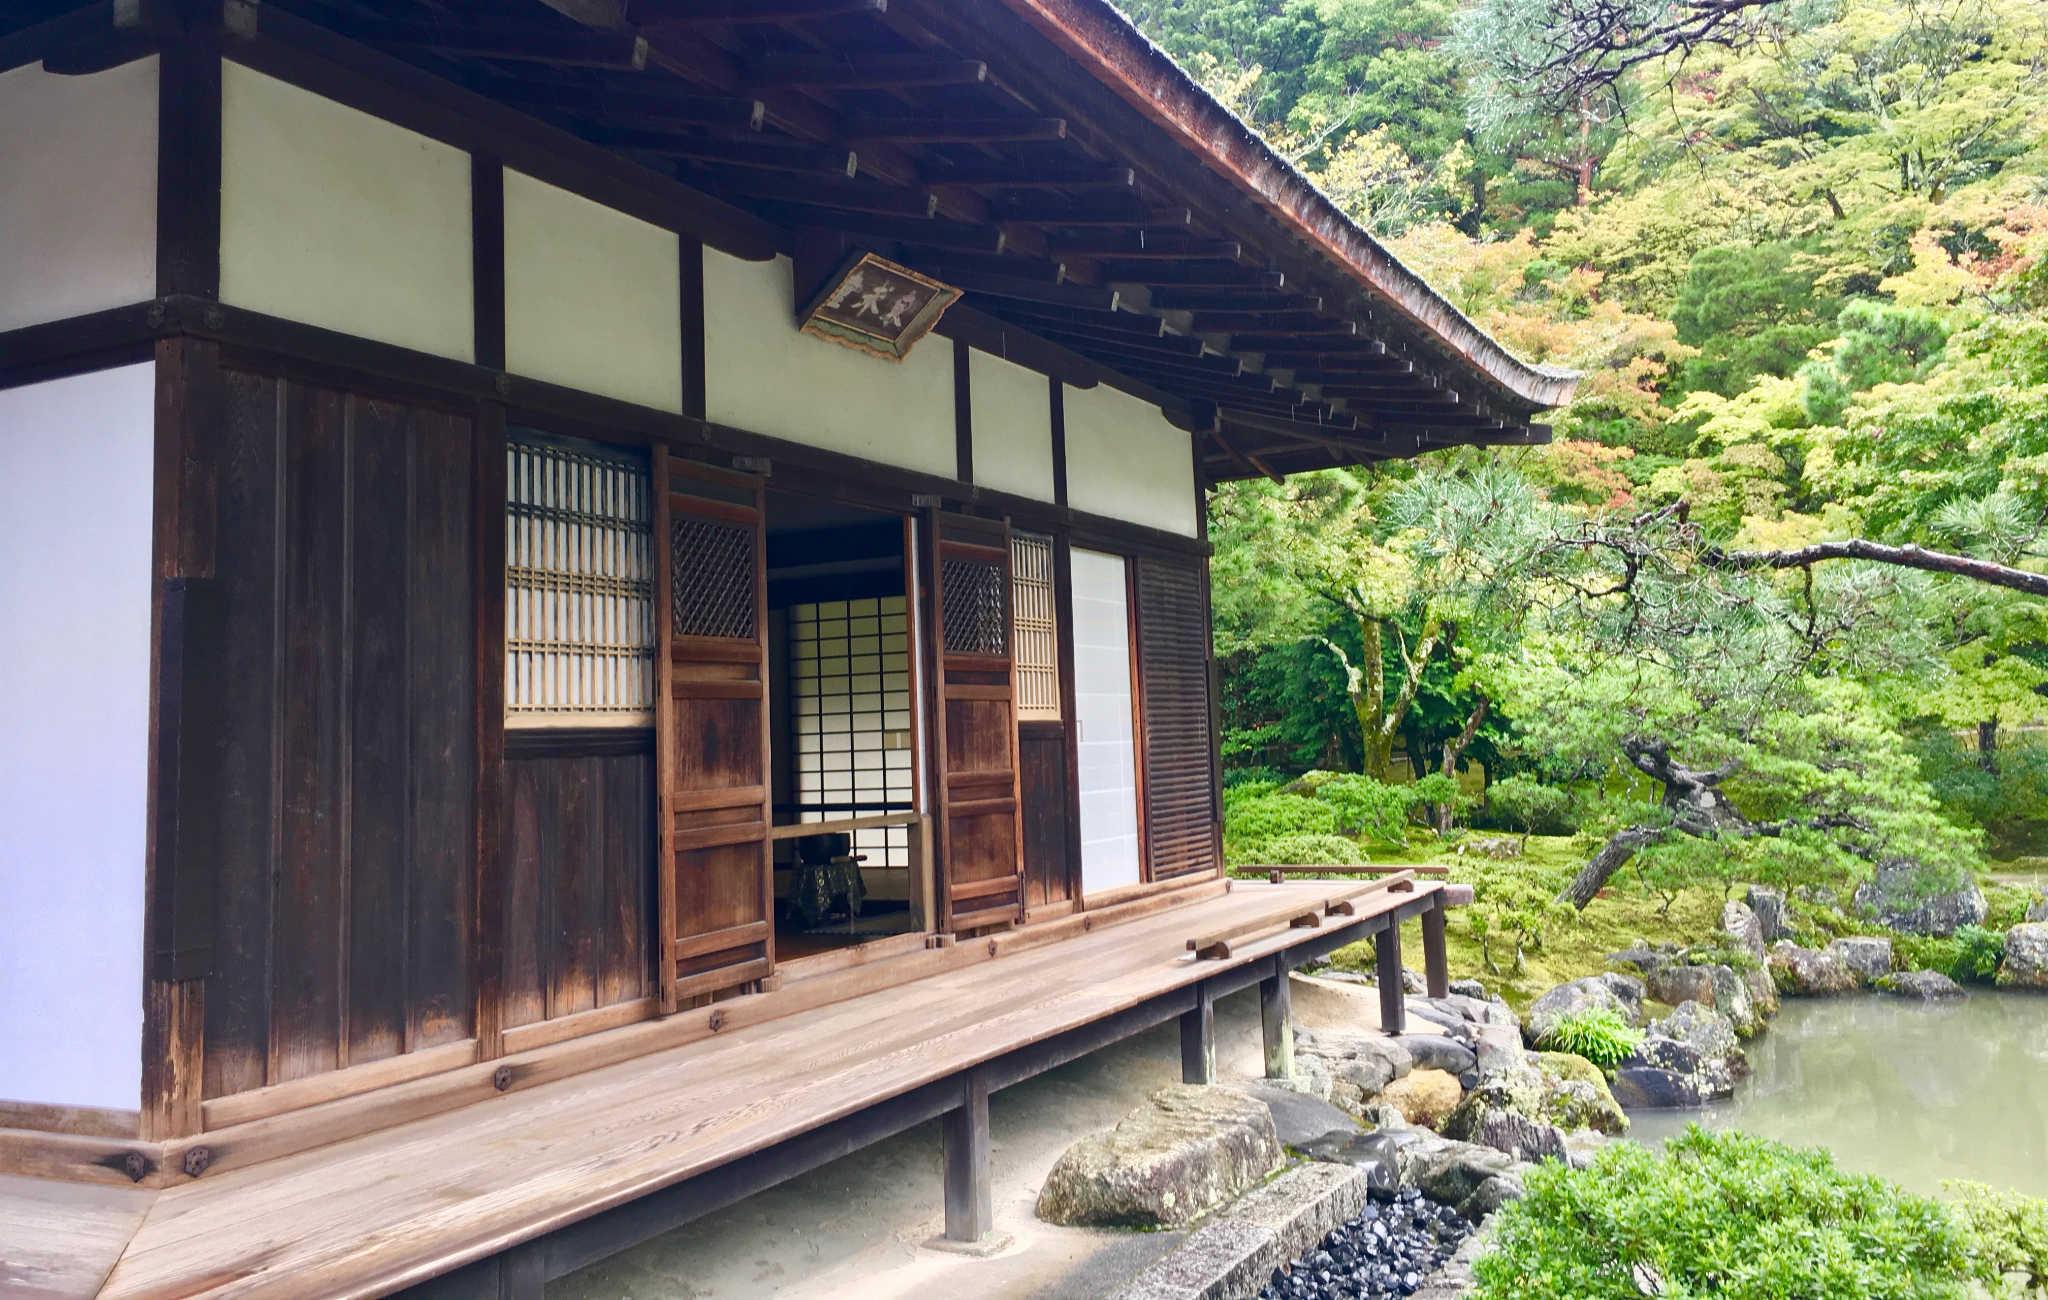 Le temple son jardin remarquablement bien tentretenu donnent une image très paisible